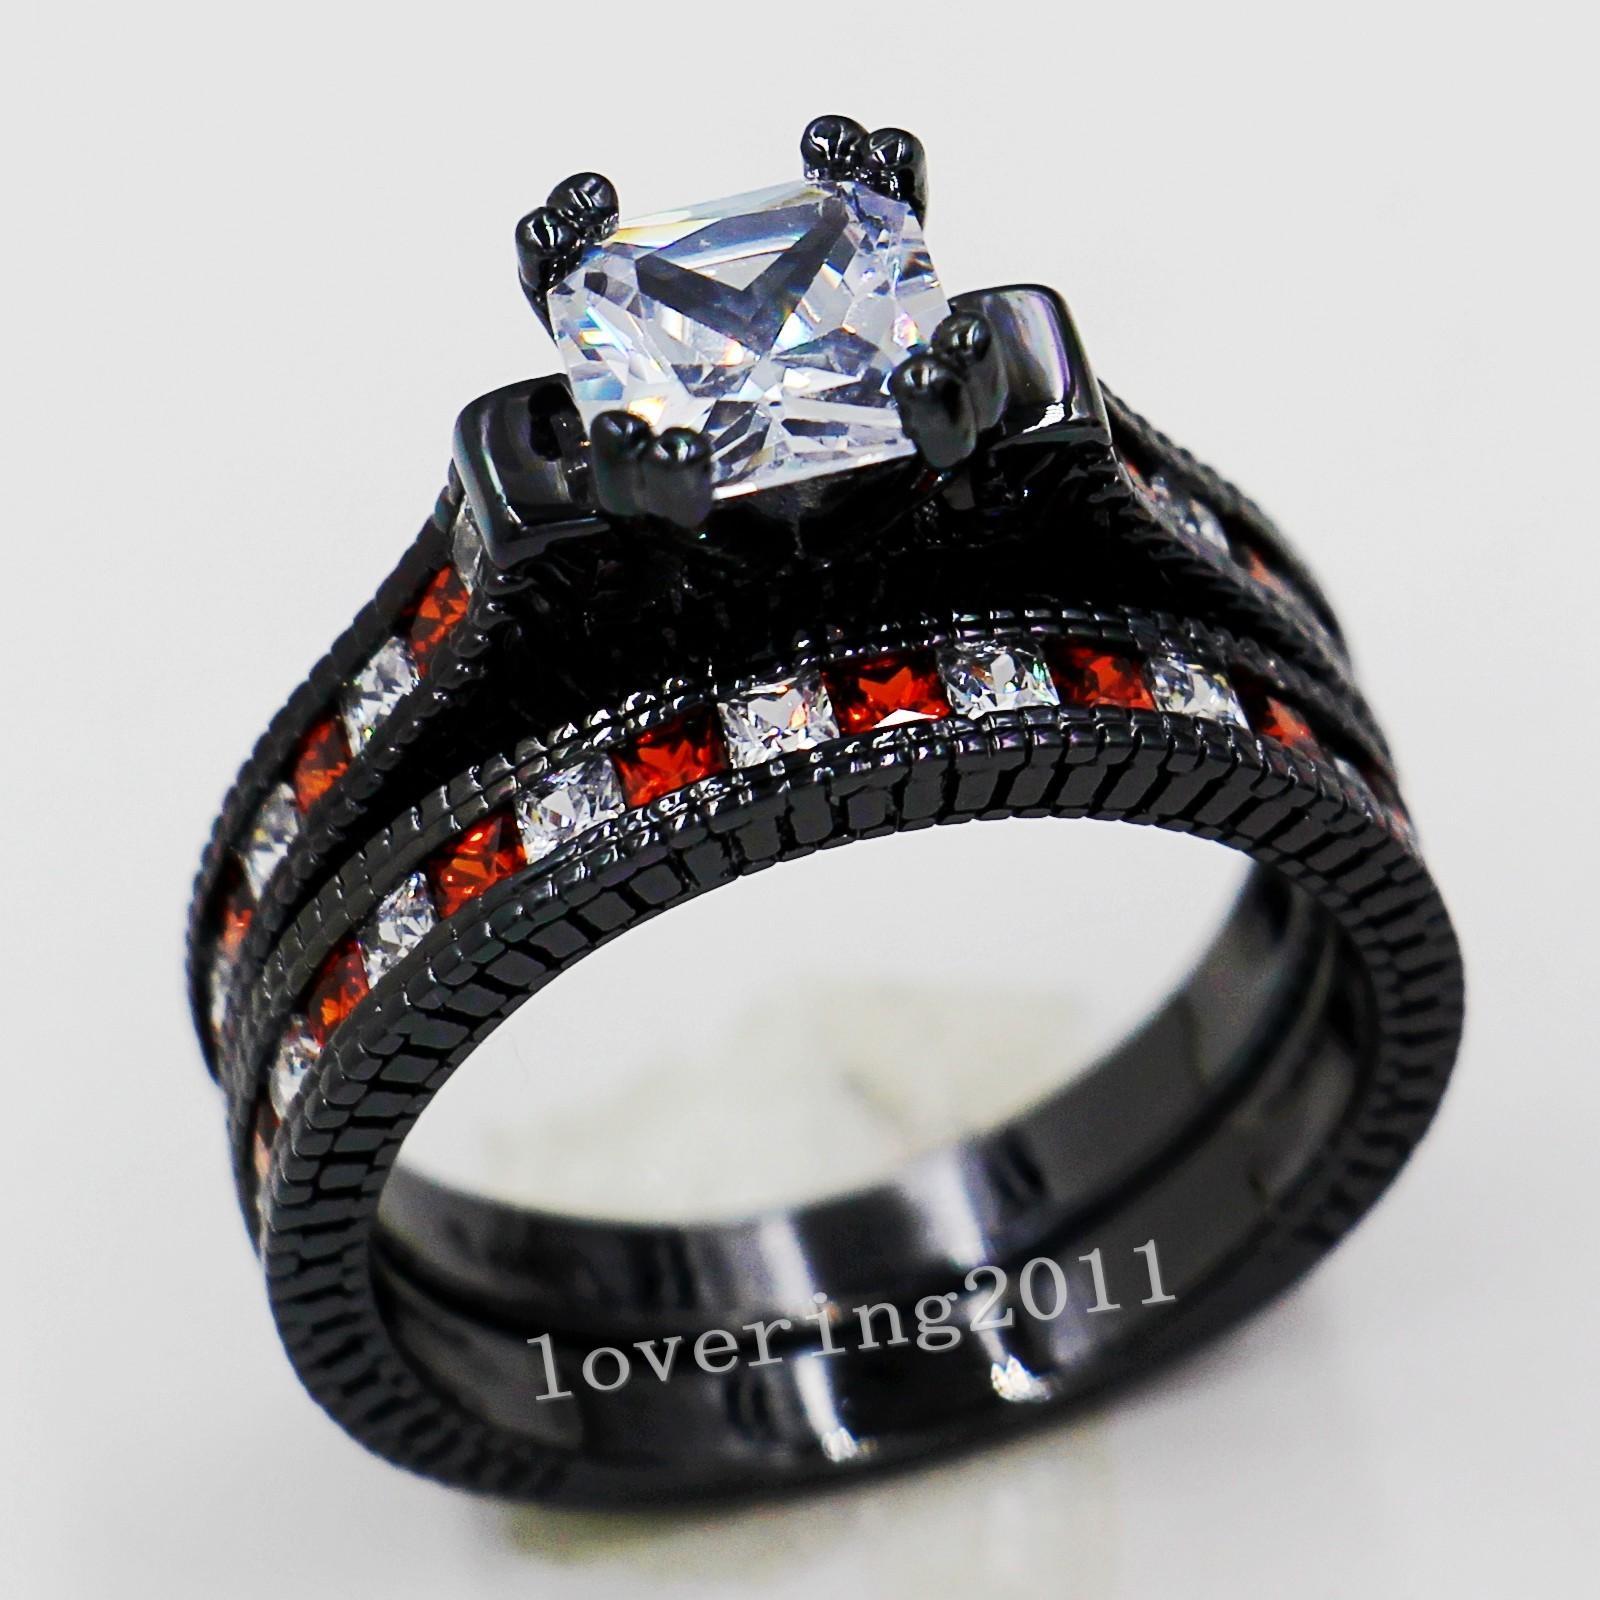 Размер 5-11 ретро мода ювелирные изделия 14kt черного золота заполнены красный гранат мульти камень CZ имитация Алмаз женщины обручальное кольцо набор подарок